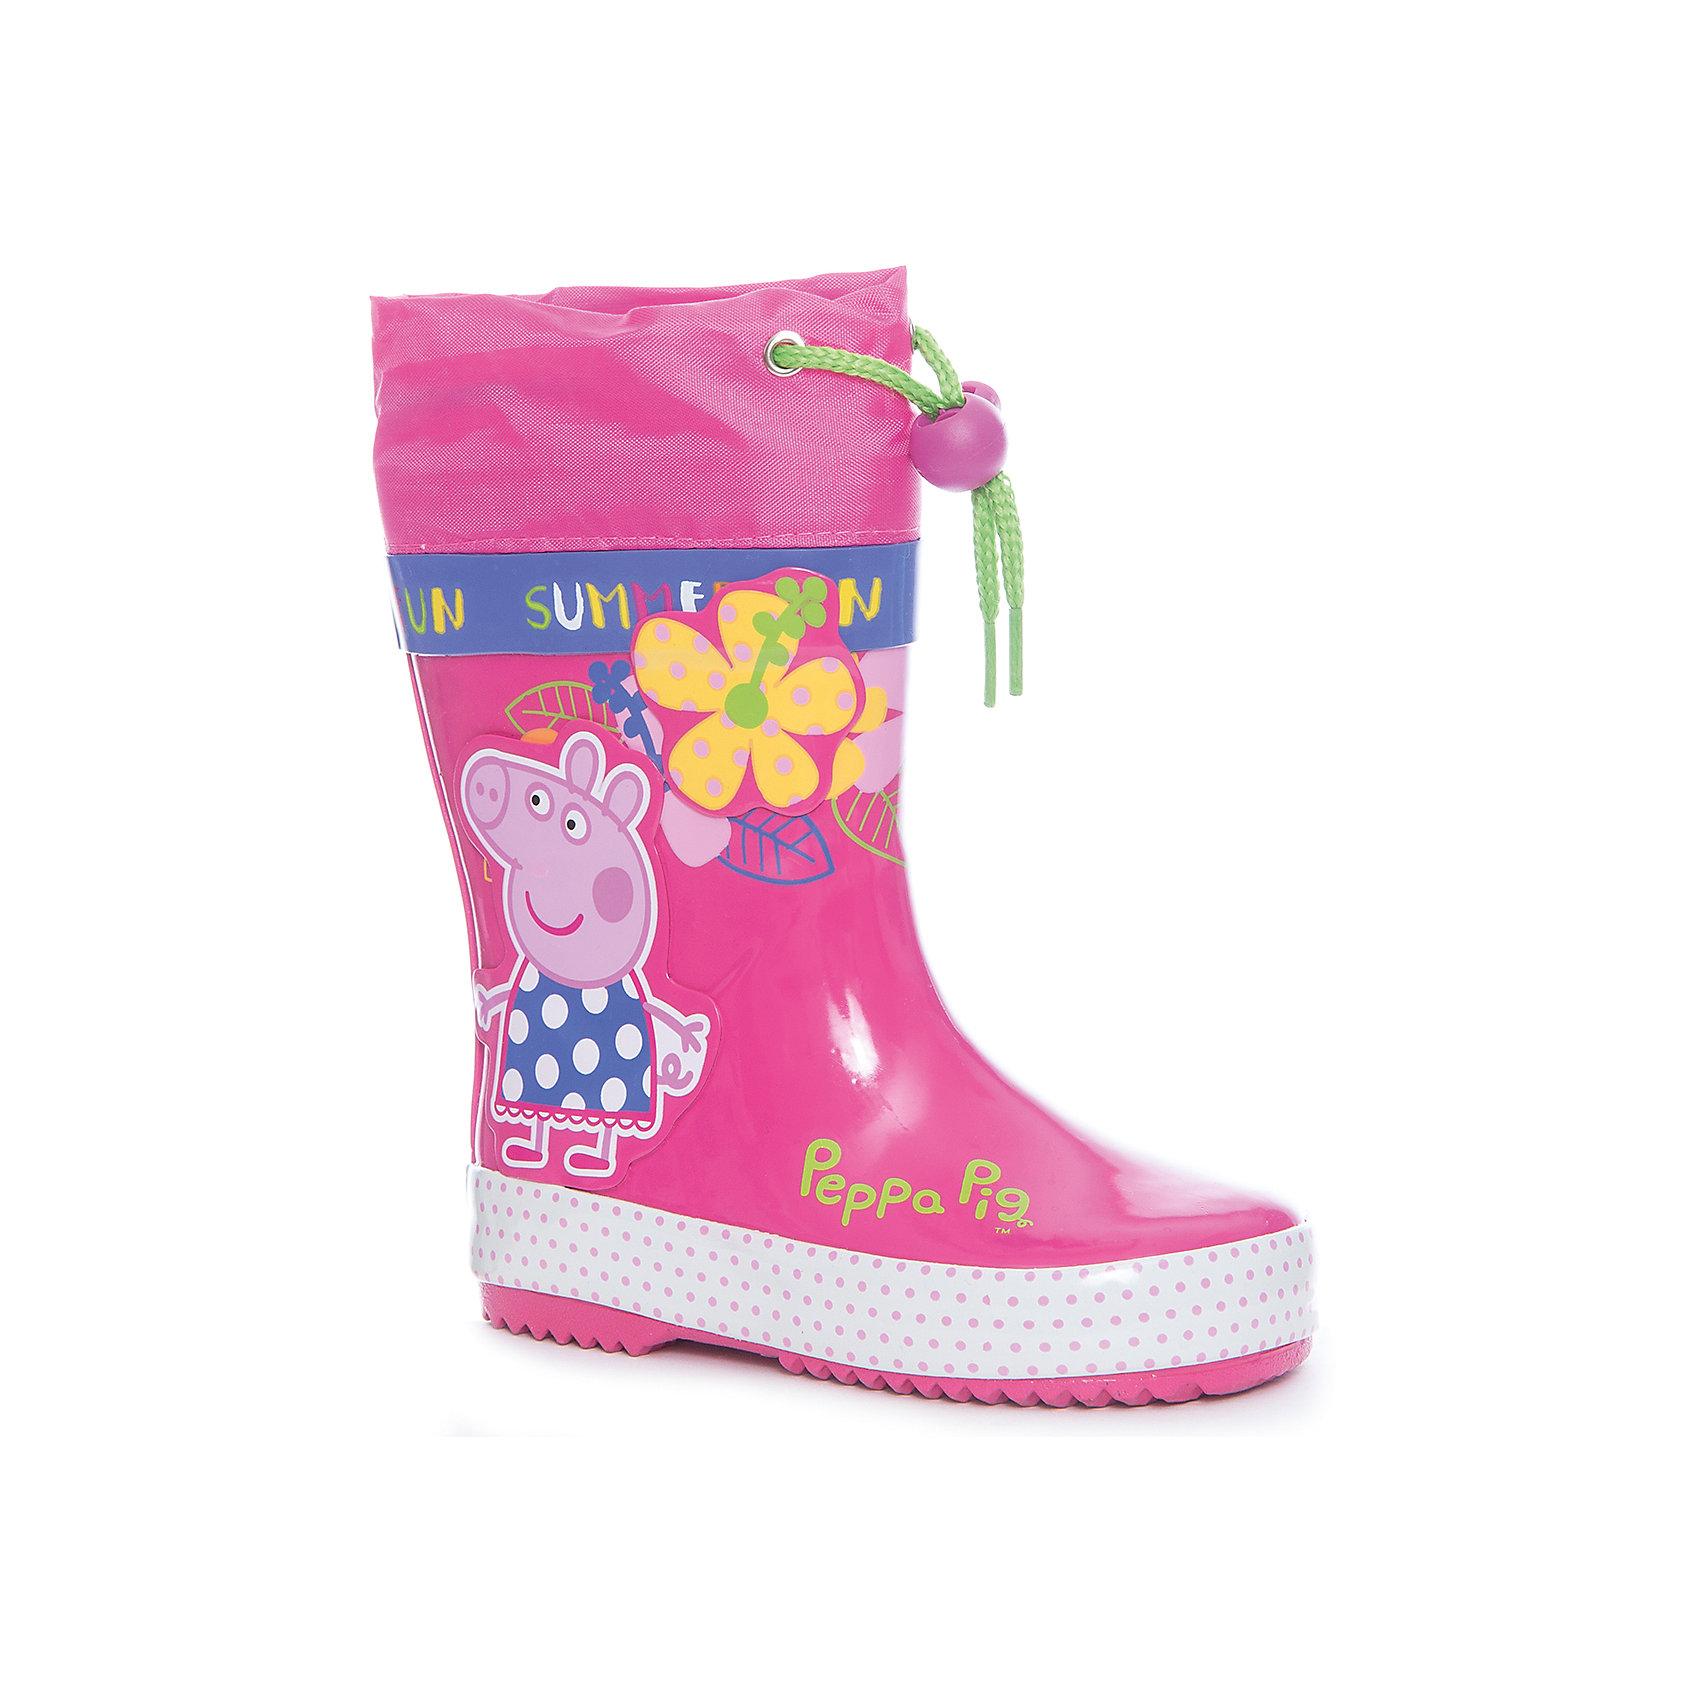 Резиновые сапоги  для девочки KAKADUРезиновые сапоги<br>Характеристики:<br><br>• цвет: розовый<br>• внешний материал: резина<br>• внутренний материал: текстиль<br>• стелька: текстиль<br>• подошва: резина<br>• температурный режим: от +5С до +15С<br>• съёмная стелька<br>• тип подошвы: рифленая<br>• способ крепления подошвы: литая<br>• на голенище предусмотрены манжеты на шнурке с фиксатором<br>• нход: можно мыть теплой мыльной водой, сухая чистка<br><br>Сапоги для девочки KAKADU – это обувь, которая характеризуется высокими качественными и потребительскими характеристиками: прочная, удобная и при этом модная, и яркая! Сапоги предназначены для прогулок в дождливую погоду. Они выполнены с учетом анатомических особенностей детской стопы. У обуви предусмотрена съемная стелька и подклад из хлопка, что обеспечивает повышенные гигиенические свойства сапожек. <br><br>Подошва выполнена из резины с рифлением, благодаря чему обувь не скользит на асфальтовой и тротуарной поверхности. На голенище у сапожек предусмотрены манжеты, ширина которых регулируется шнурком с фиксатором.<br><br>Сапоги для девочки KAKADU можно купить в нашем интернет-магазине.<br><br>Ширина мм: 257<br>Глубина мм: 180<br>Высота мм: 130<br>Вес г: 420<br>Цвет: розовый<br>Возраст от месяцев: 48<br>Возраст до месяцев: 60<br>Пол: Женский<br>Возраст: Детский<br>Размер: 28,23,24,25,26,27<br>SKU: 5386426